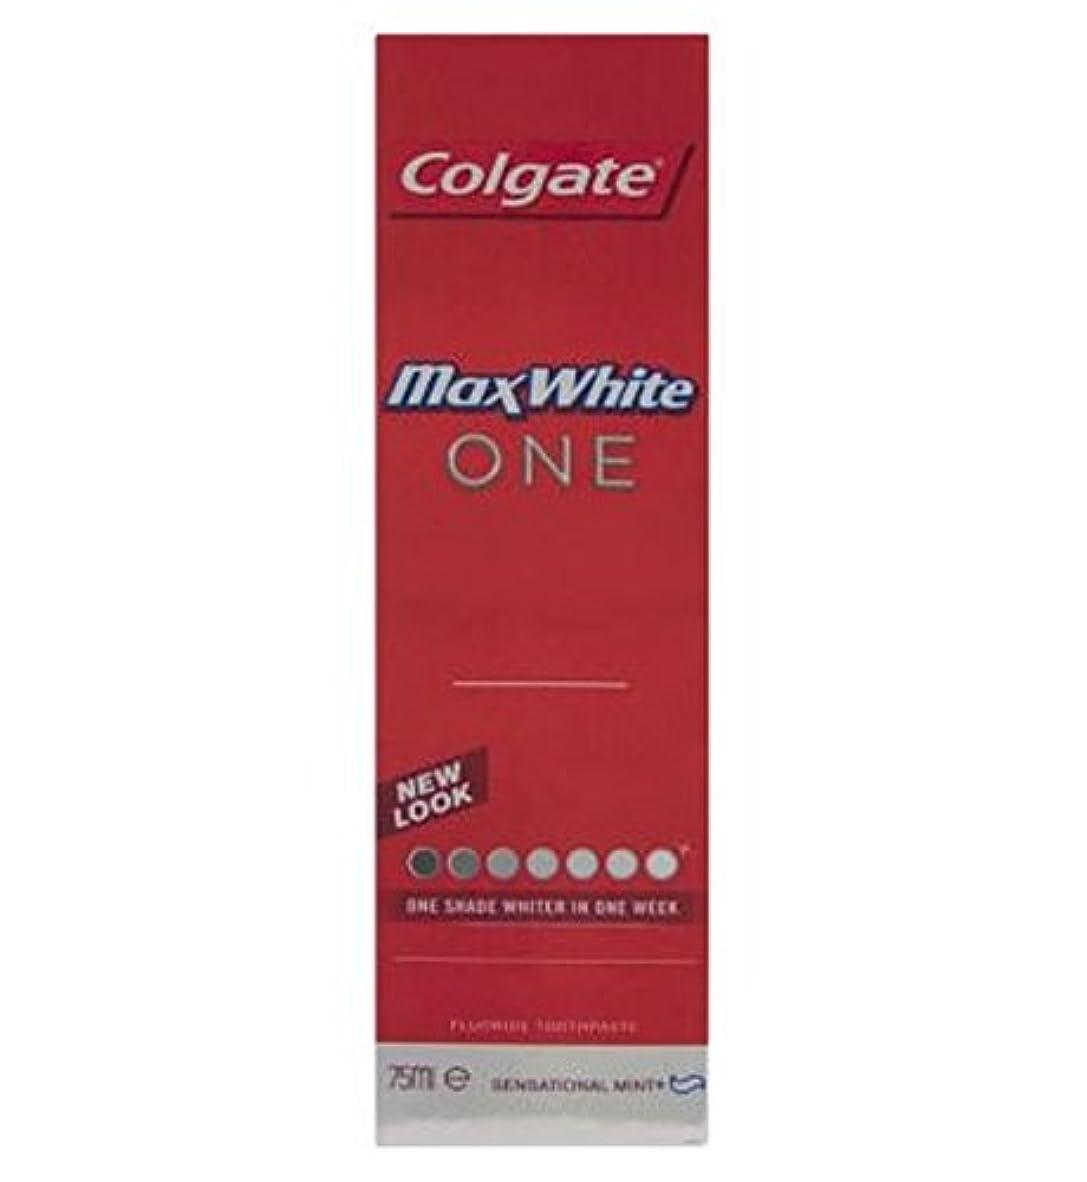 襟将来の反毒コルゲートマックスホワイト1新鮮な歯磨き粉75ミリリットル (Colgate) (x2) - Colgate Max White One Fresh toothpaste 75ml (Pack of 2) [並行輸入品]